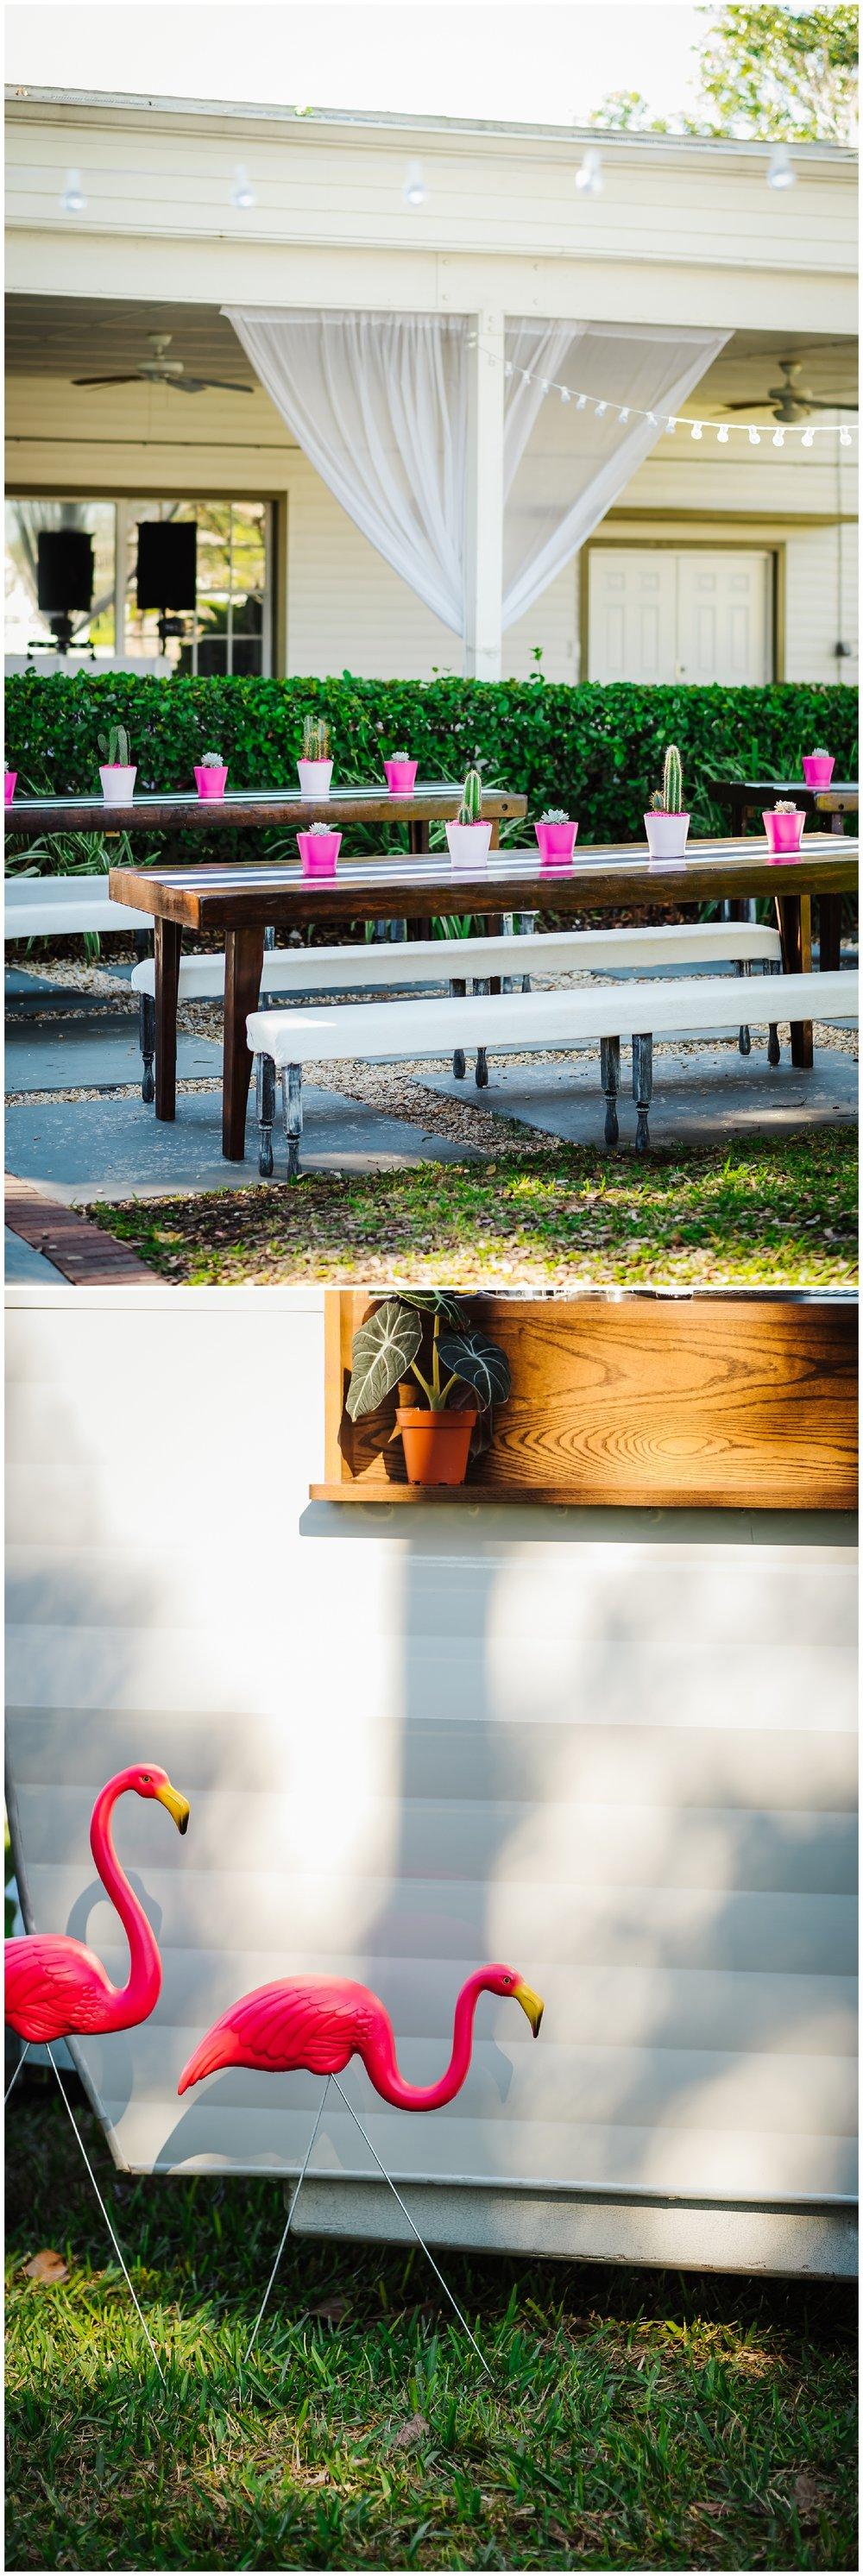 tampa-wedding-photographer-davis-island-flamingo-garden-alexander-mcqueen-non-traditional_0029.jpg